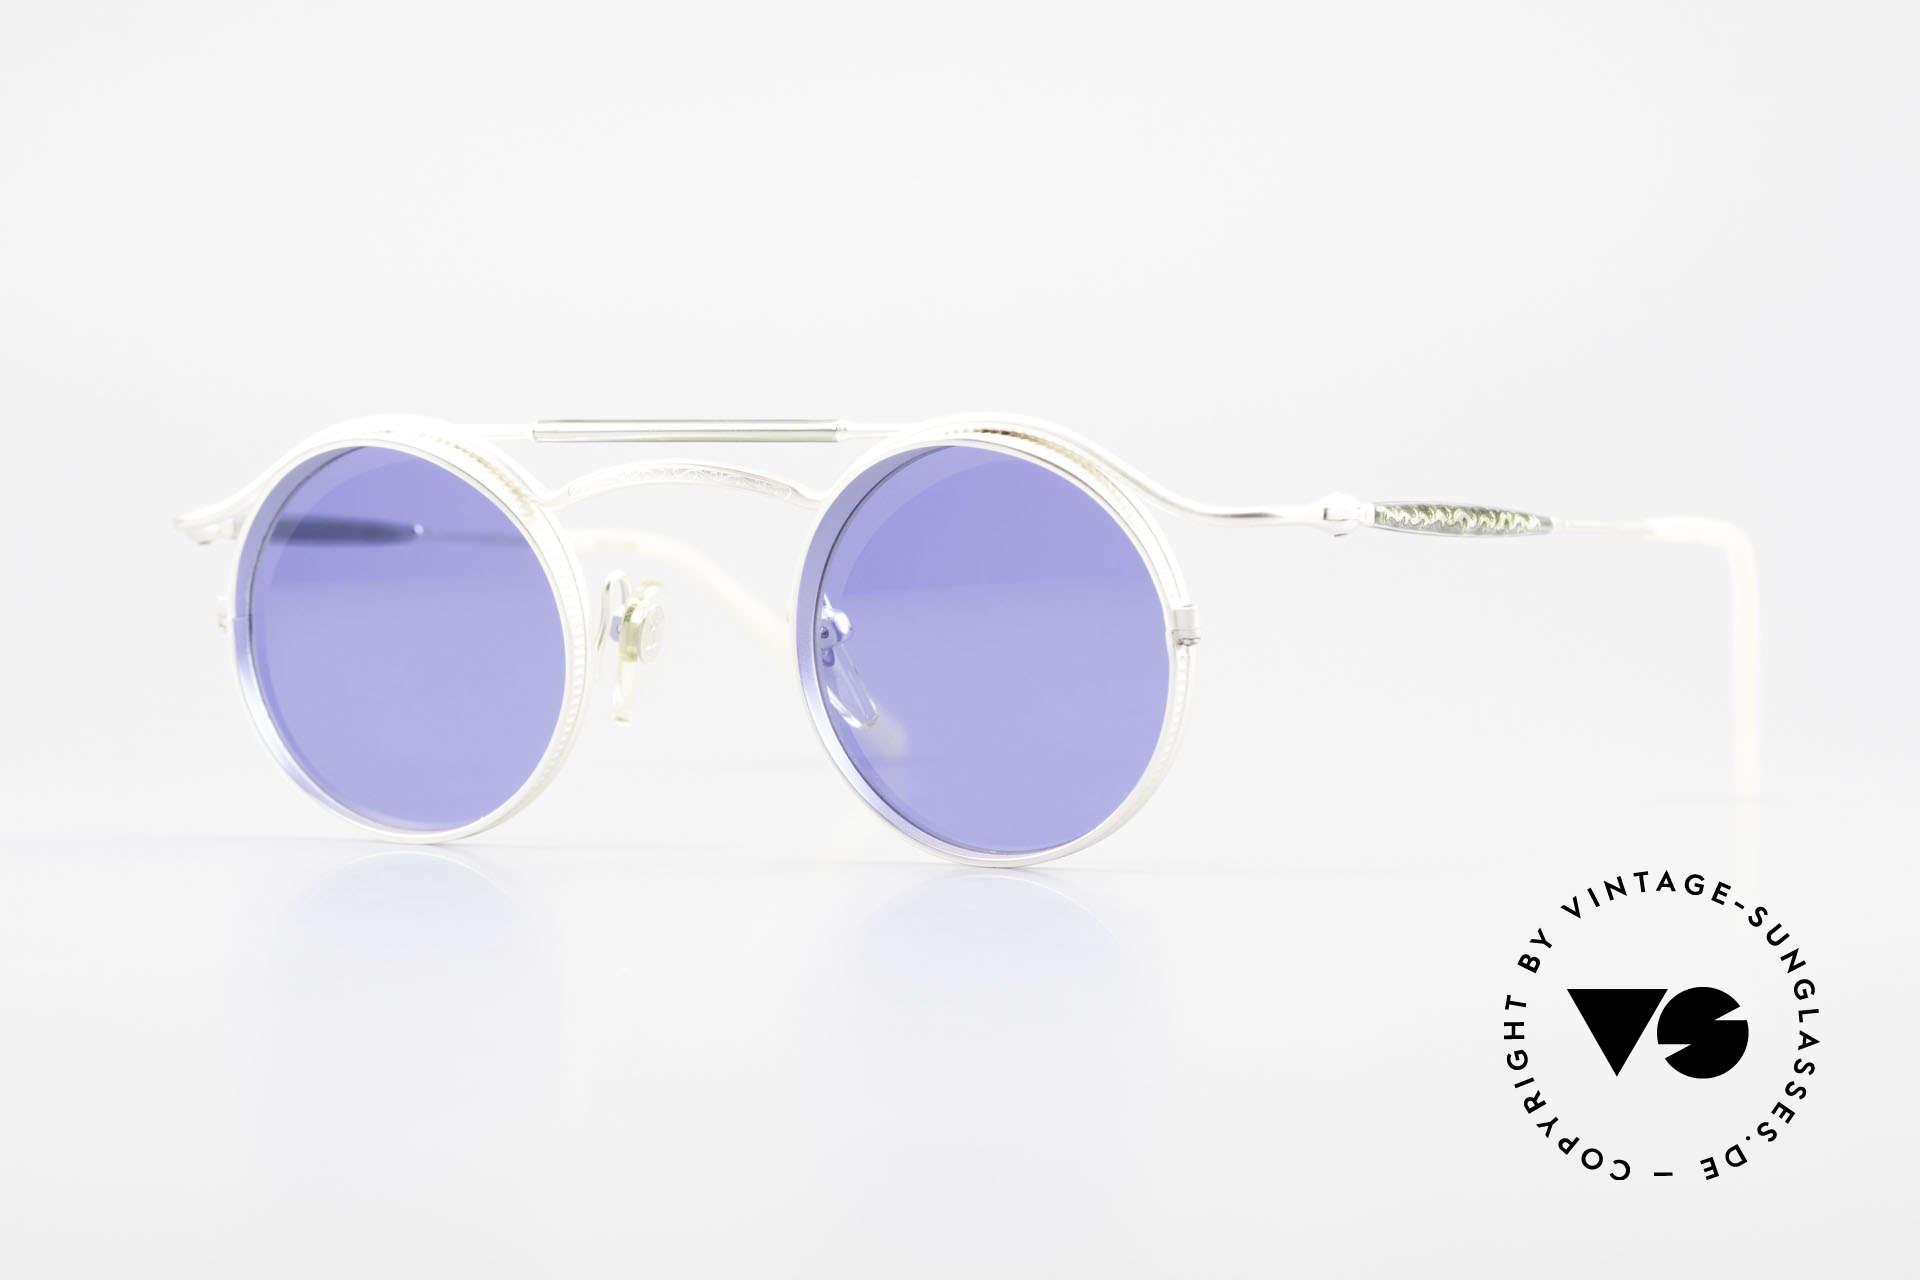 Matsuda 2903 Steampunk Sonnenbrille 90er, vintage Matsuda Sonnenbrille aus den frühen 1990ern, Passend für Herren und Damen